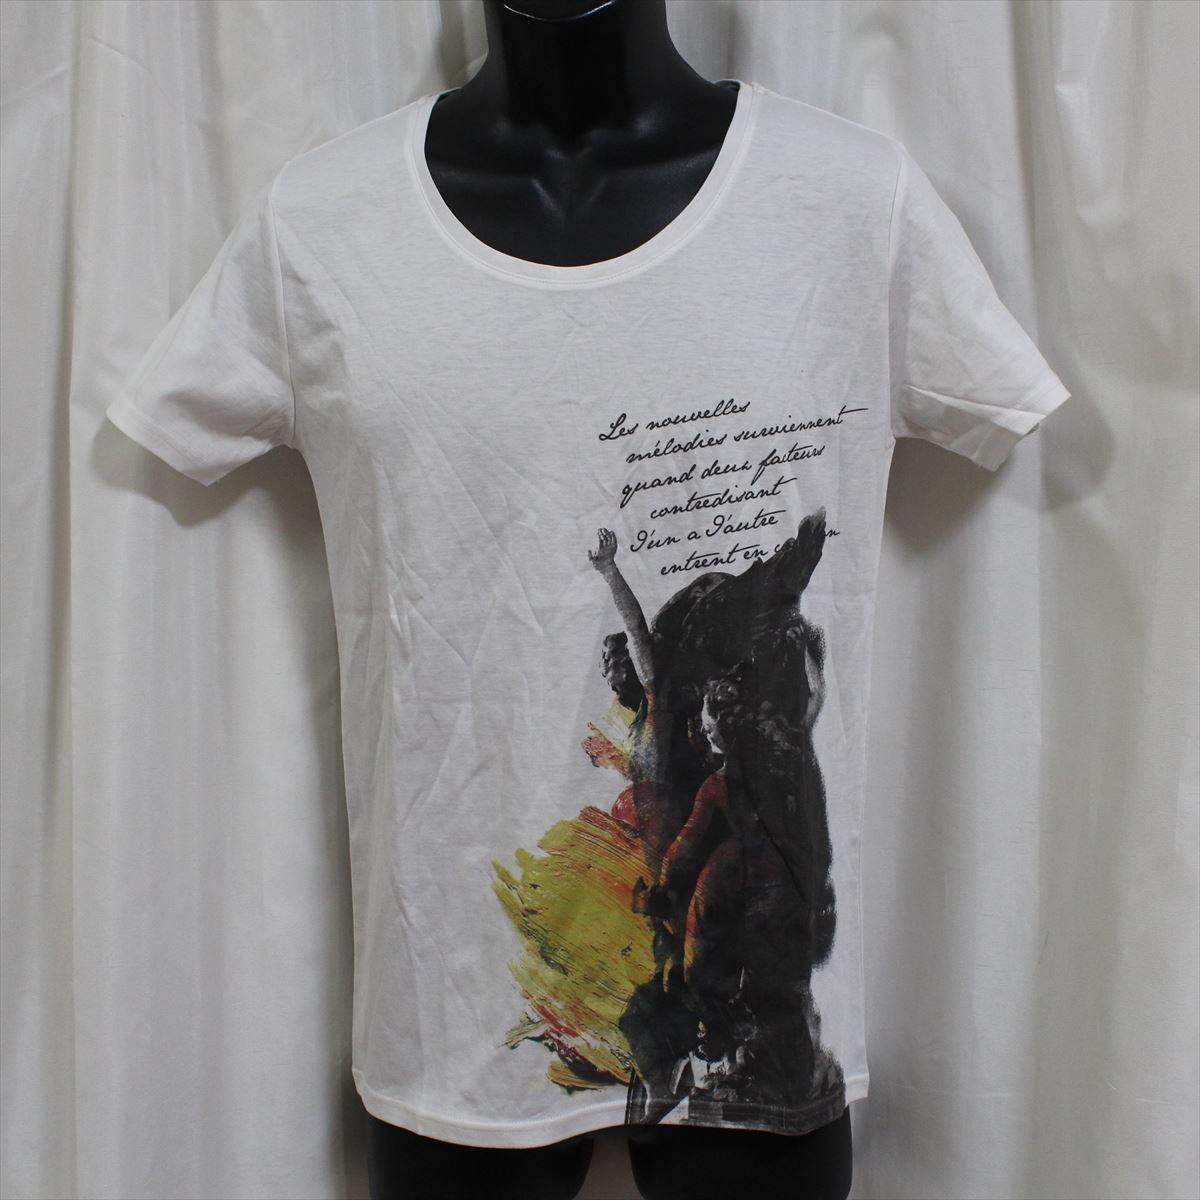 デスピエール DES PIERRE メンズ半袖Tシャツ ホワイト 白 80020 新品